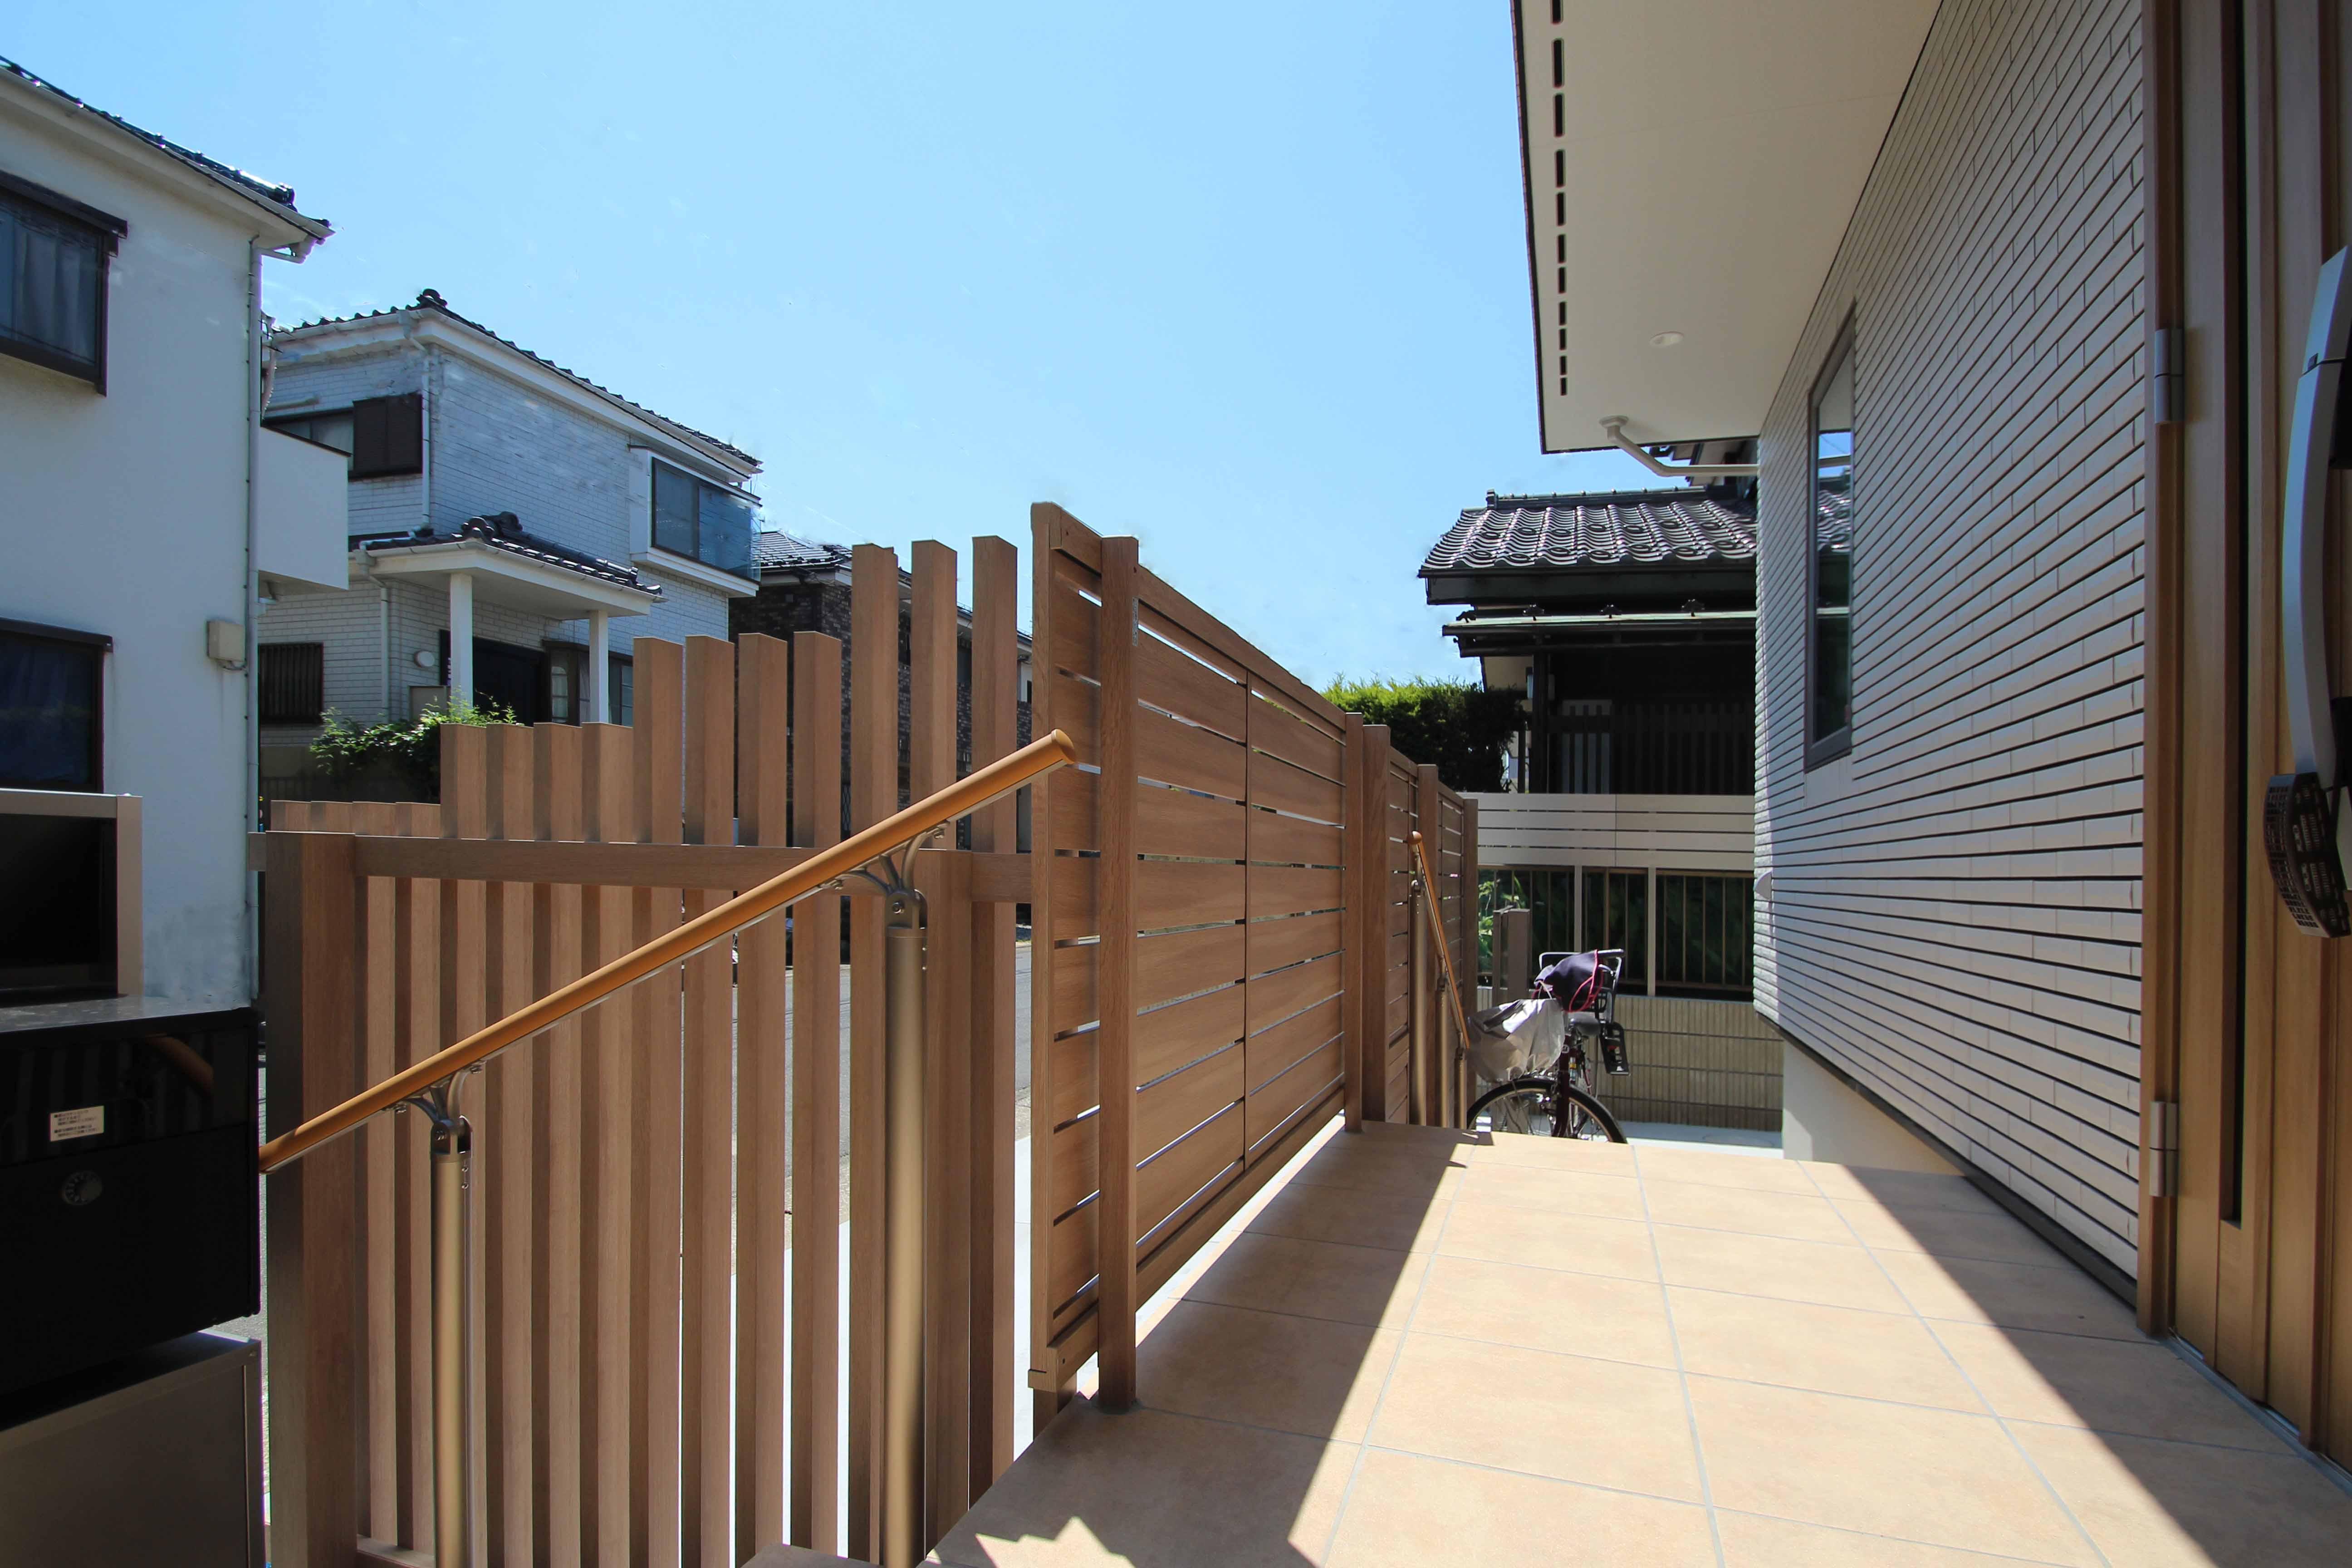 市川市。<br>ベージュカラーの建物をベースに、肌映りのいい木目調グラデーション。5